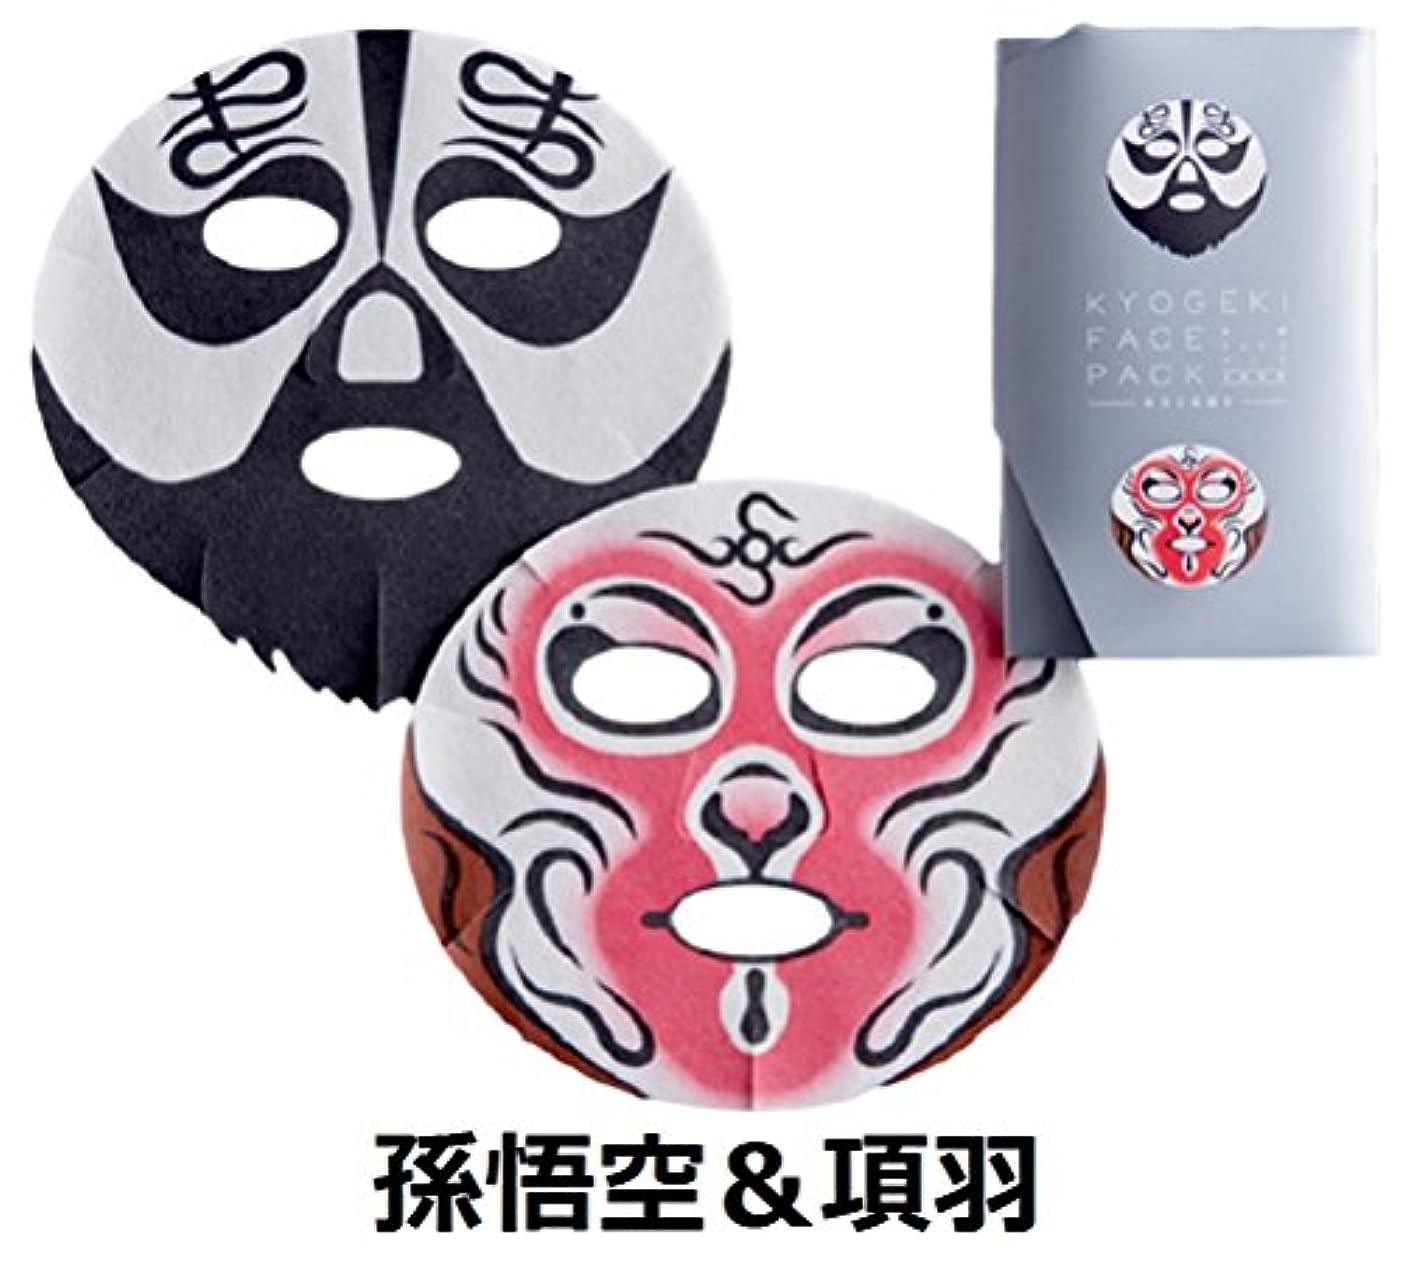 多様体サイトライン警戒京劇 フェイス パック 孫悟空 & 項羽